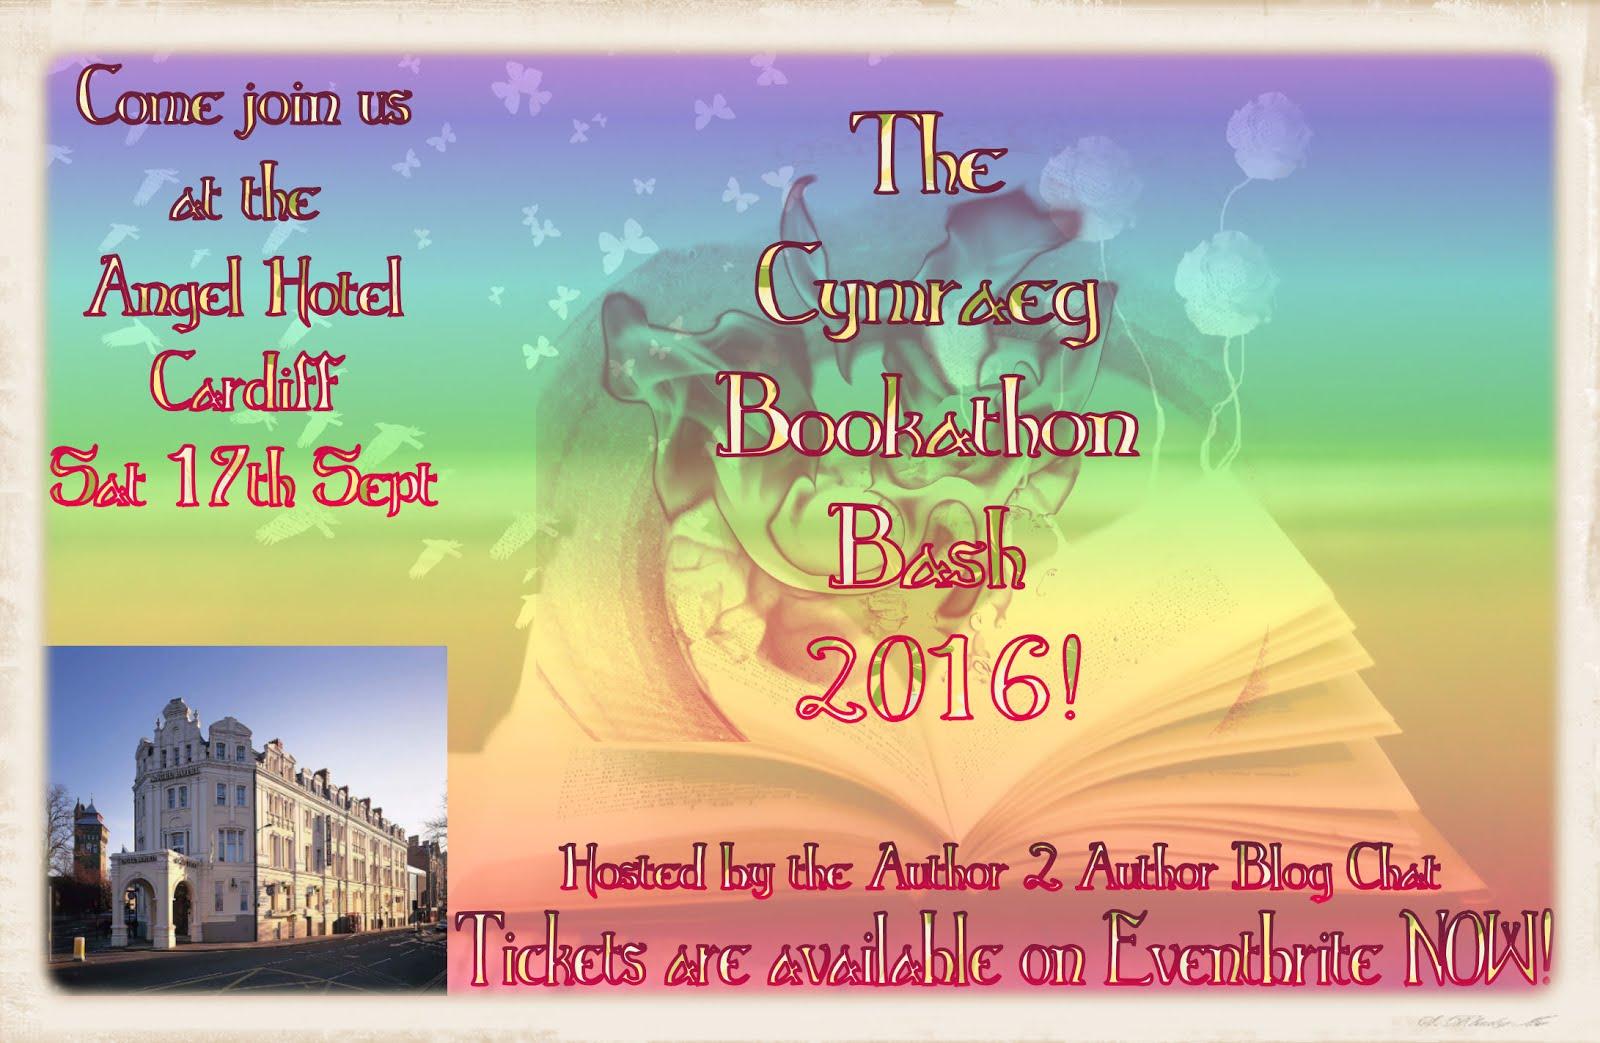 The Cymraeg Bookathon Bash 2016!